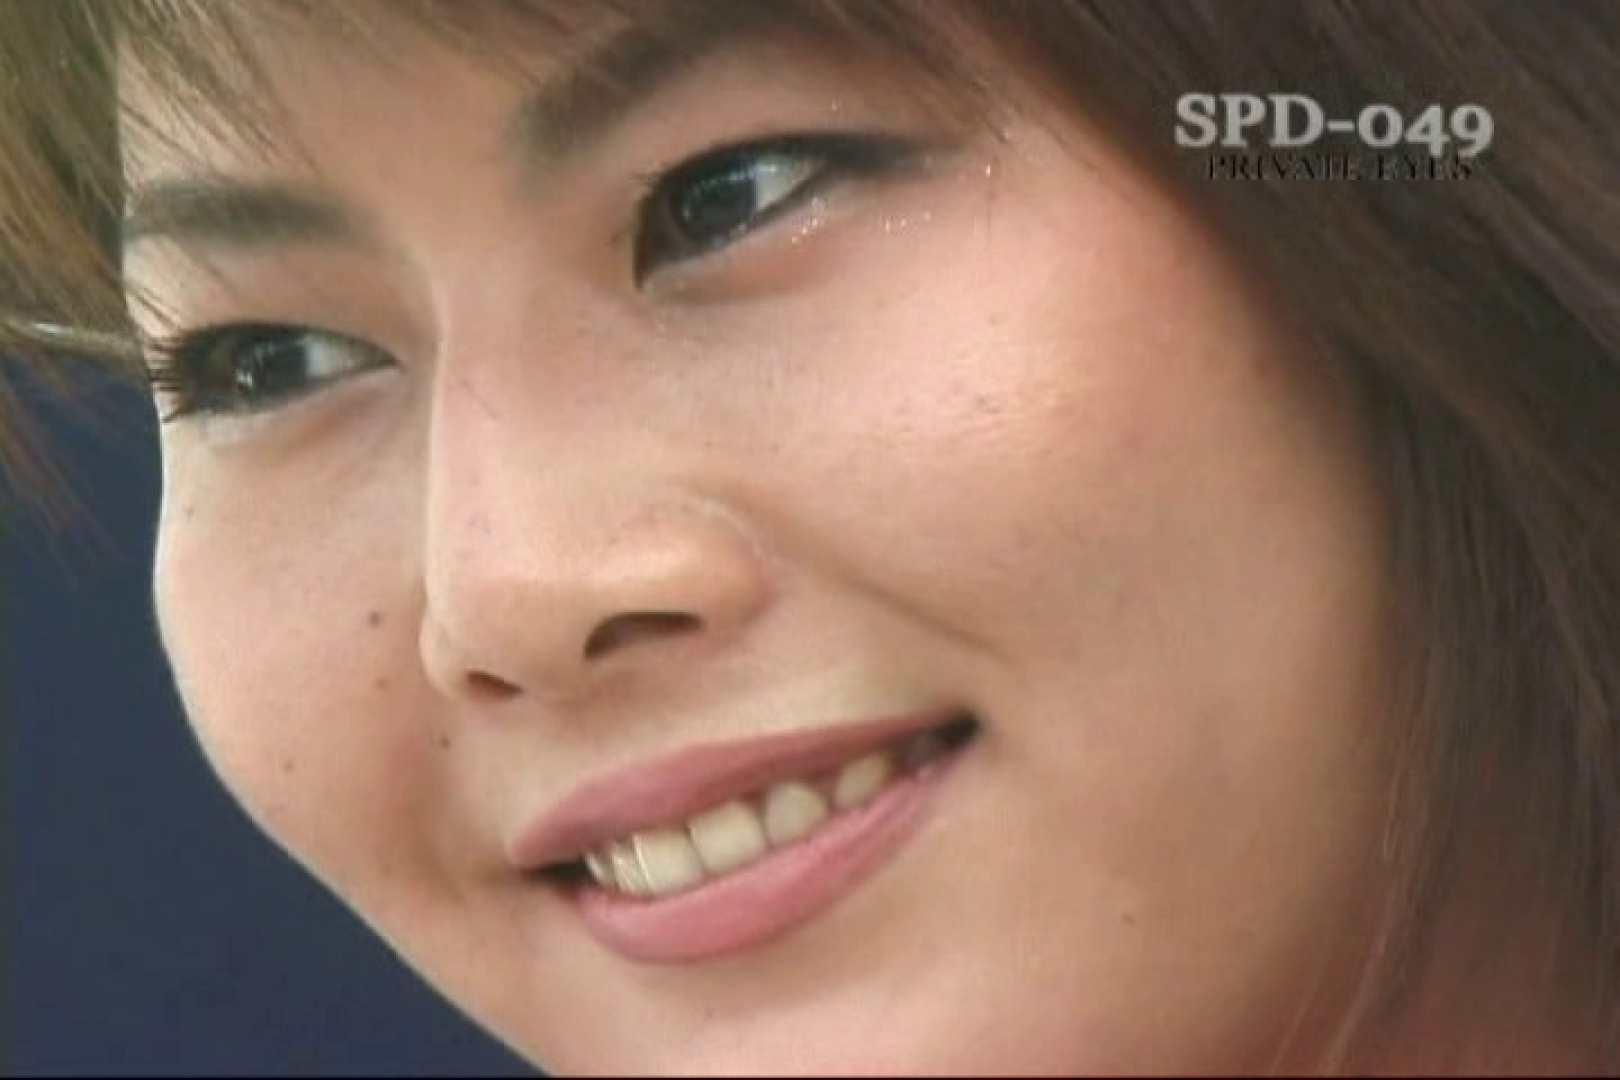 高画質版!SPD-049 サーキットの女神達 99'GT富士第5戦 高画質  71画像 51